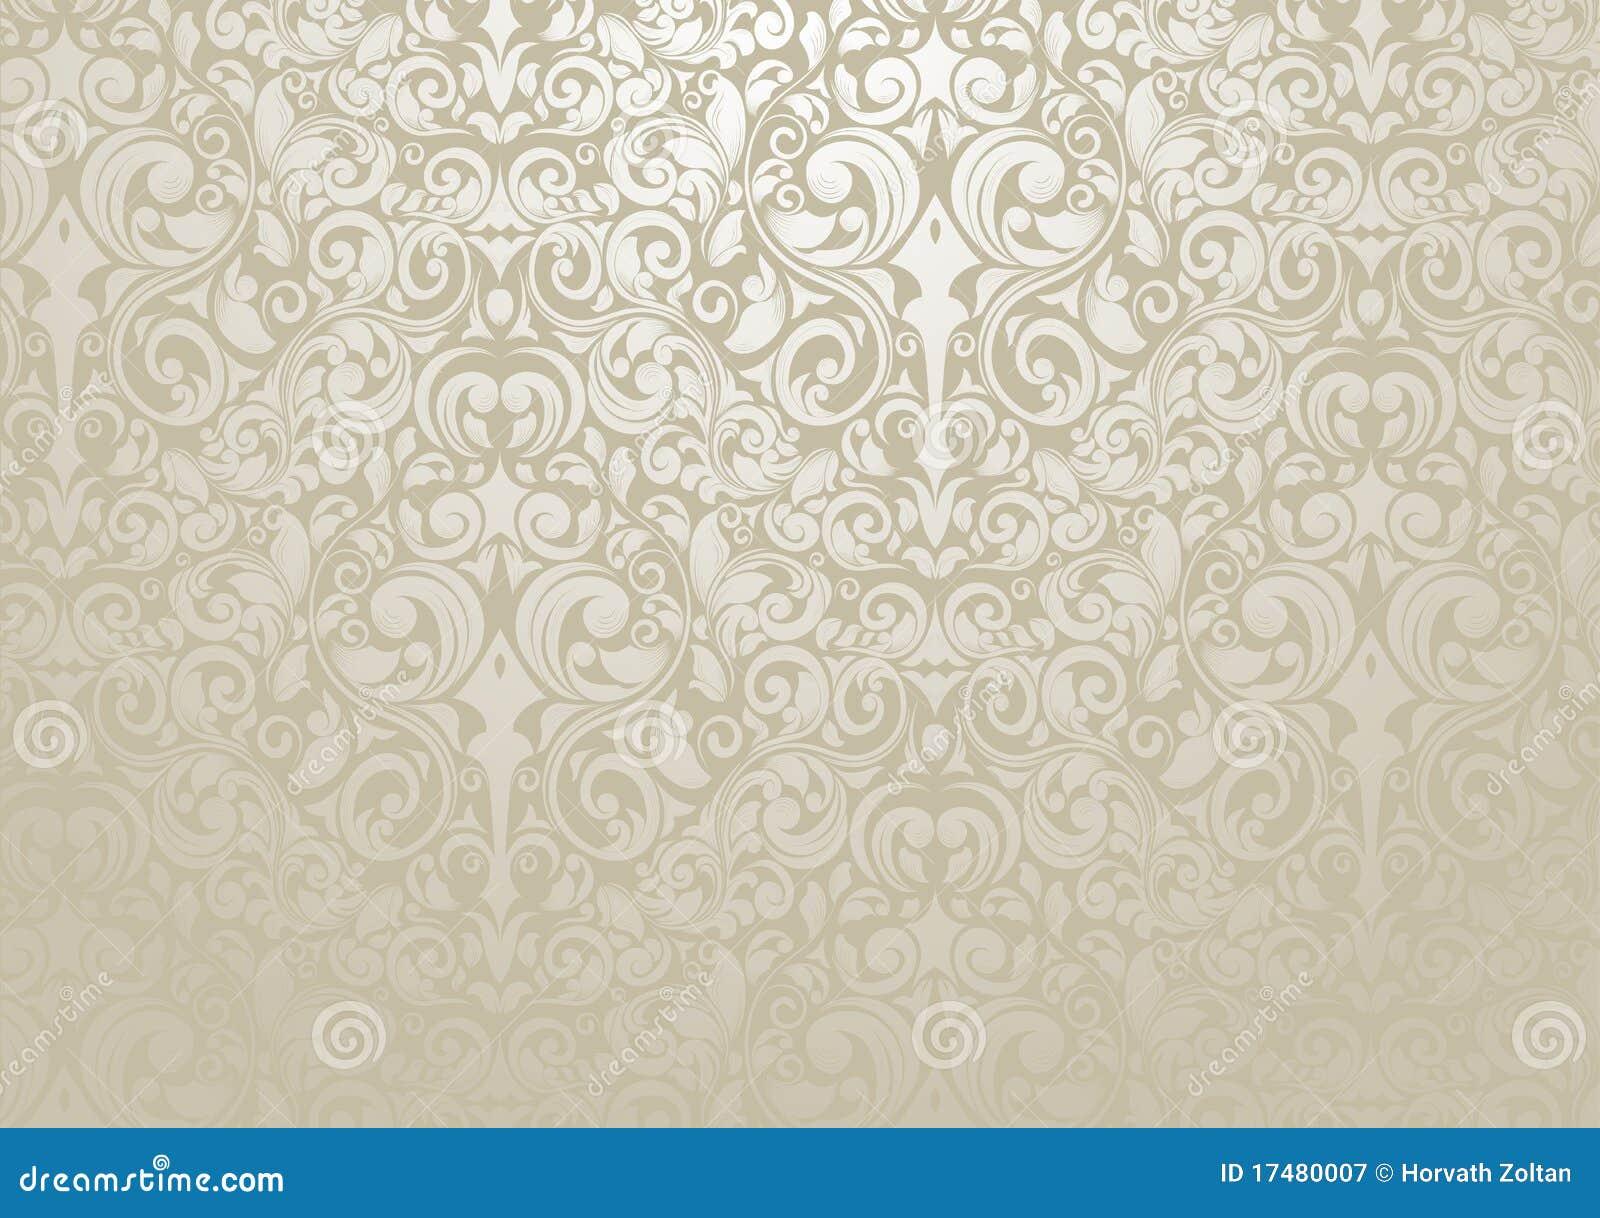 Carta da parati d 39 argento illustrazione vettoriale for Carta da parati damascata argento